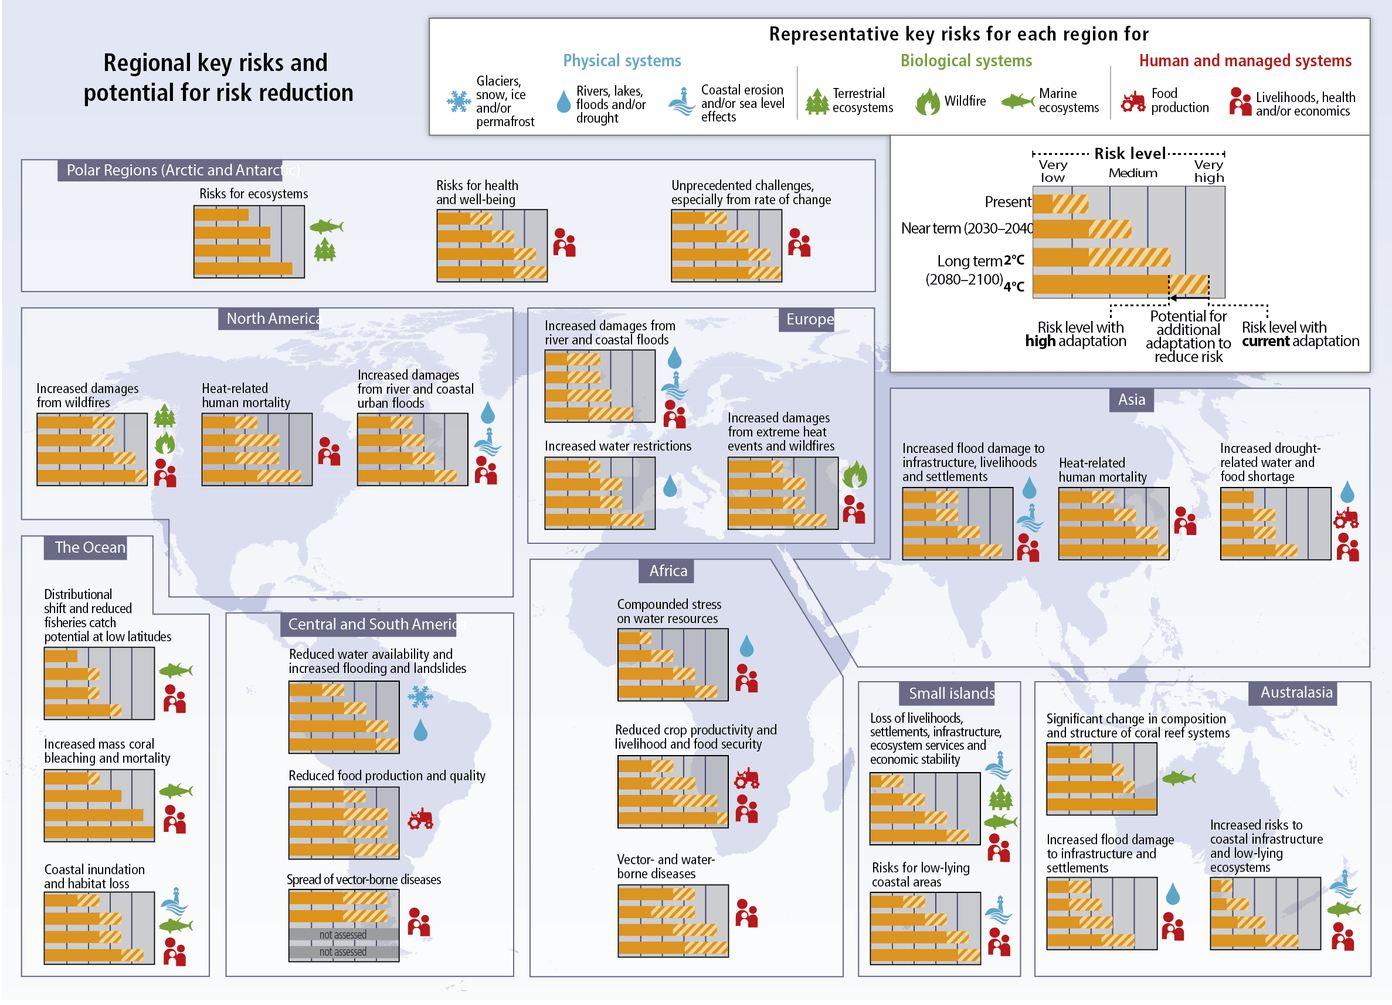 Le rapport du GIEC de 2014 montre les risques associés à l'augmentation des températures - Crédit : UN IPCC, CC BY-NC